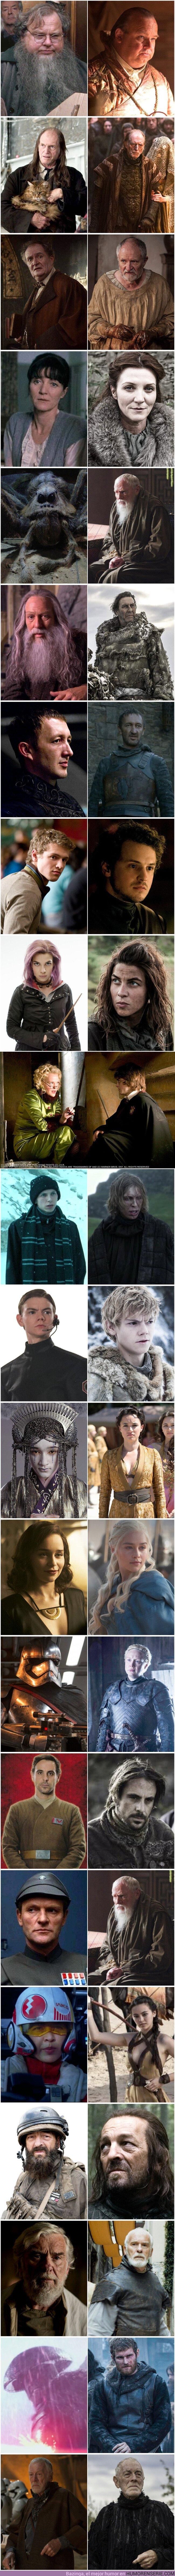 37052 - 22 actores de Juego de Tronos que también salieron en Harry Potter o Star Wars